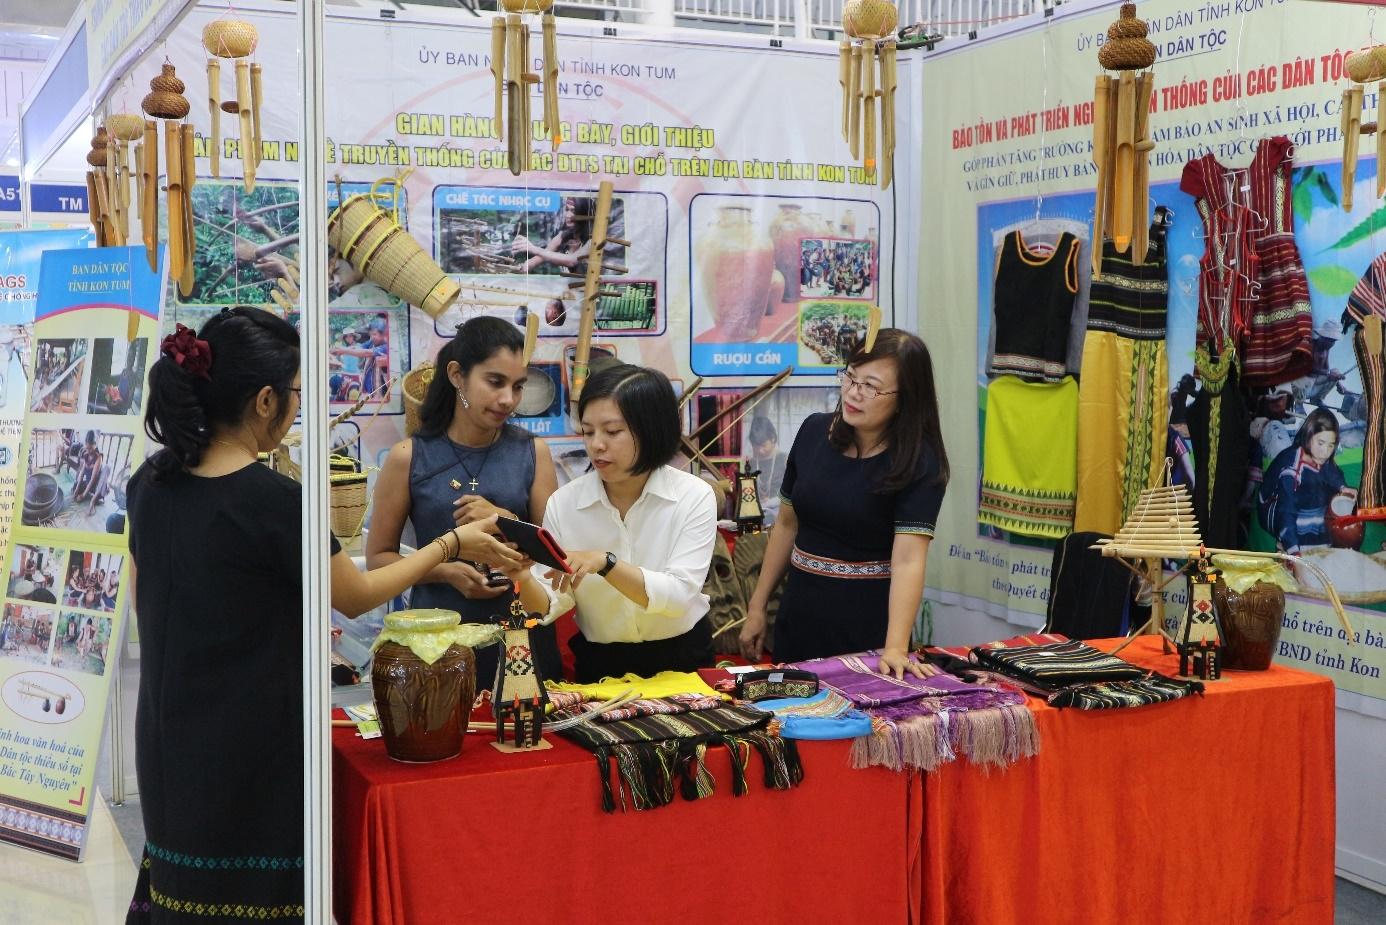 Ban Dân tộc tỉnh Kon Tum tổ chức trưng bày, giới thiệu sản phẩm nghề truyền thống của các dân tộc trên địa bàn tỉnh tại Hội chợ hành lang Quốc tế Đông Tây- Đà Nẵng.